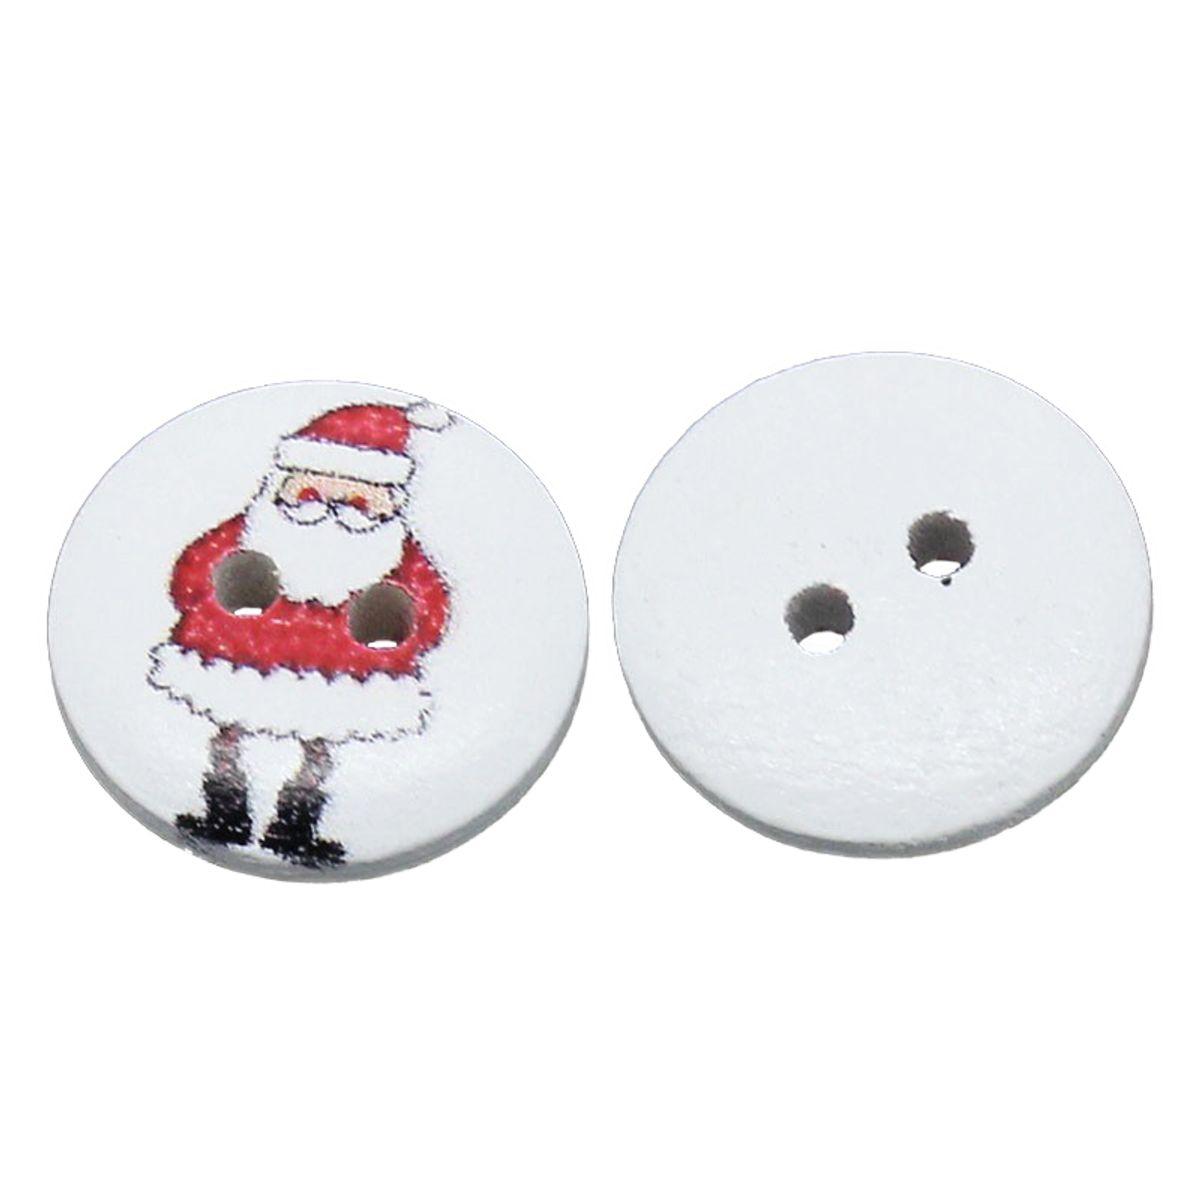 Holzknöpfe Weihnachtsmann - 10 Stück - Ø 1,5 cm